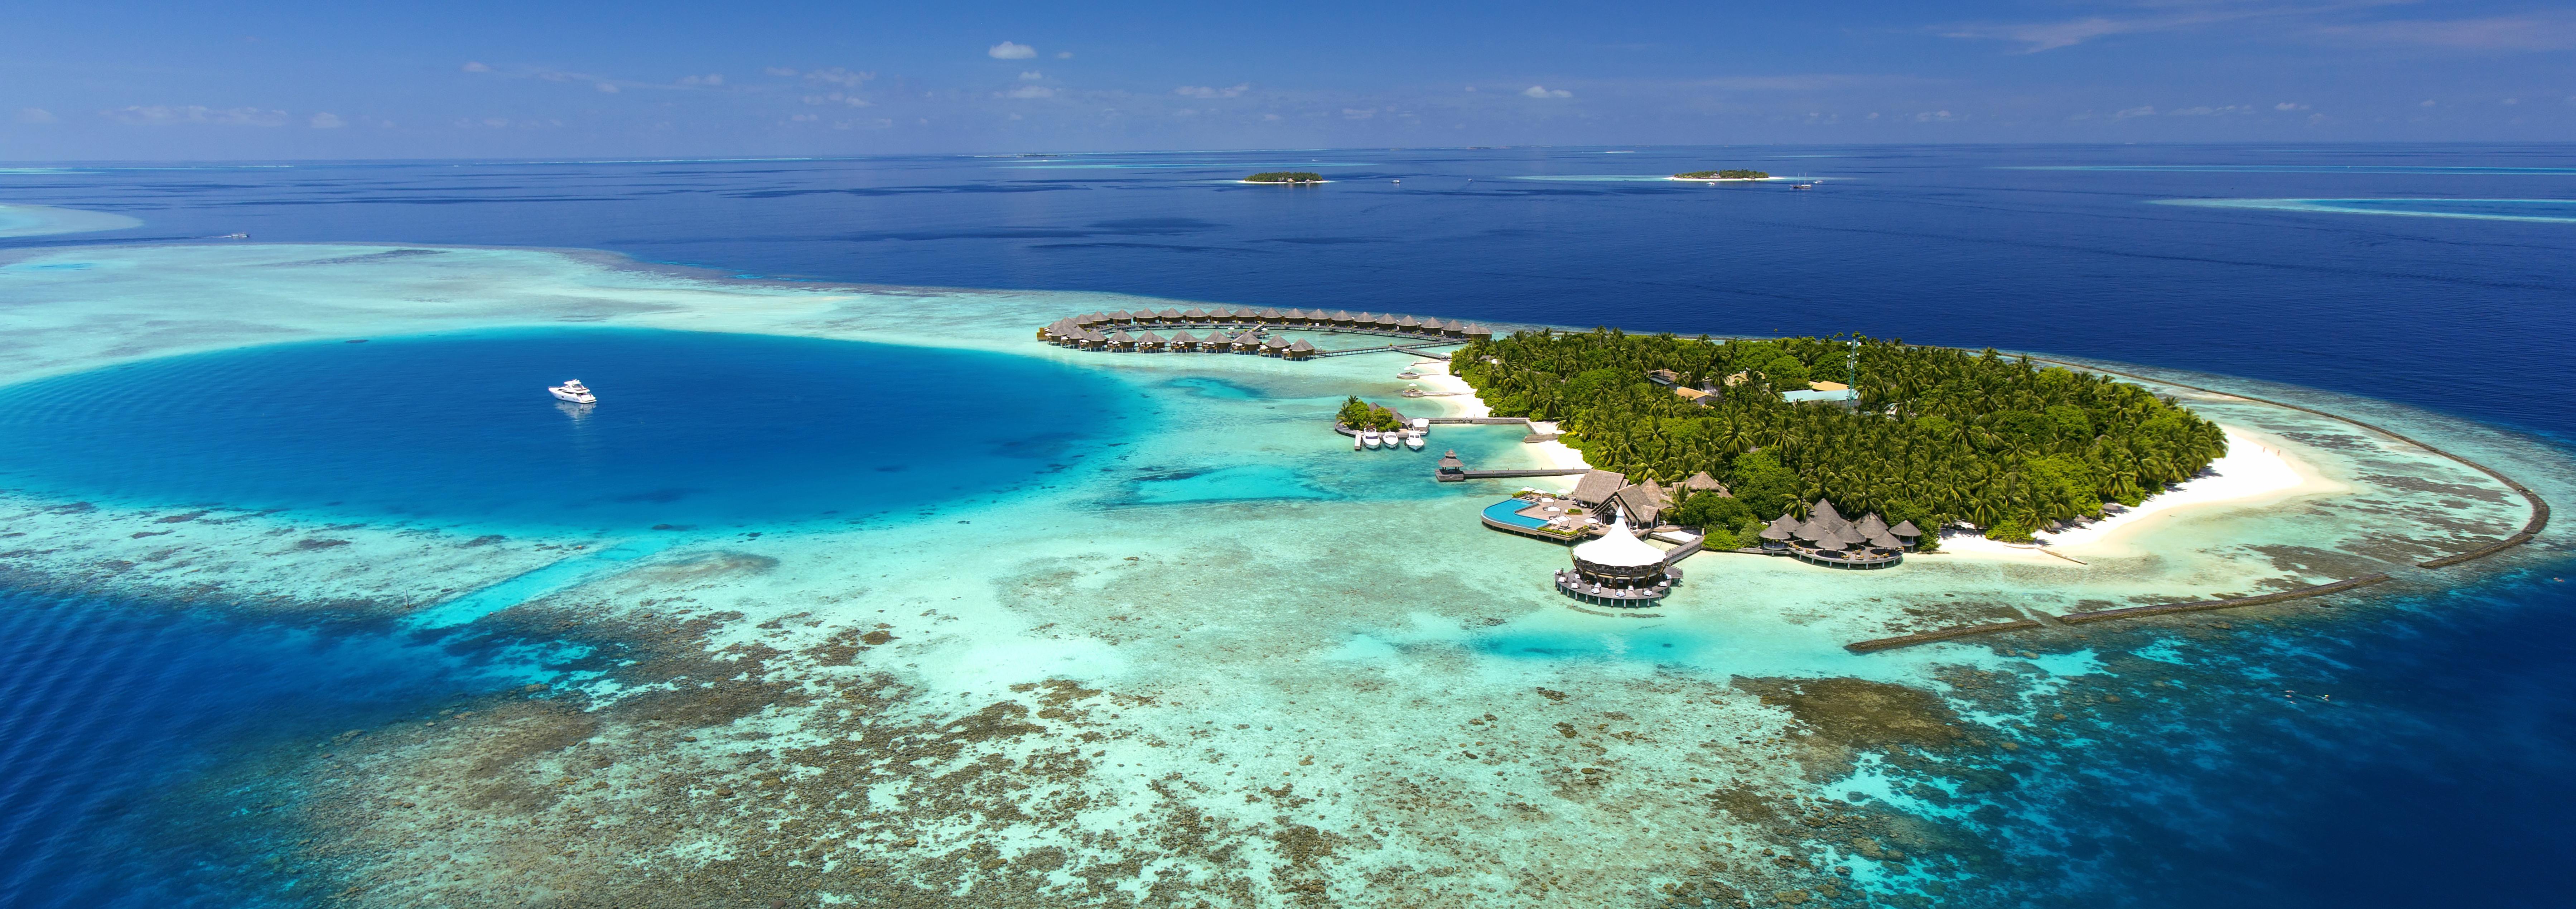 baros-maldives-aerial-view